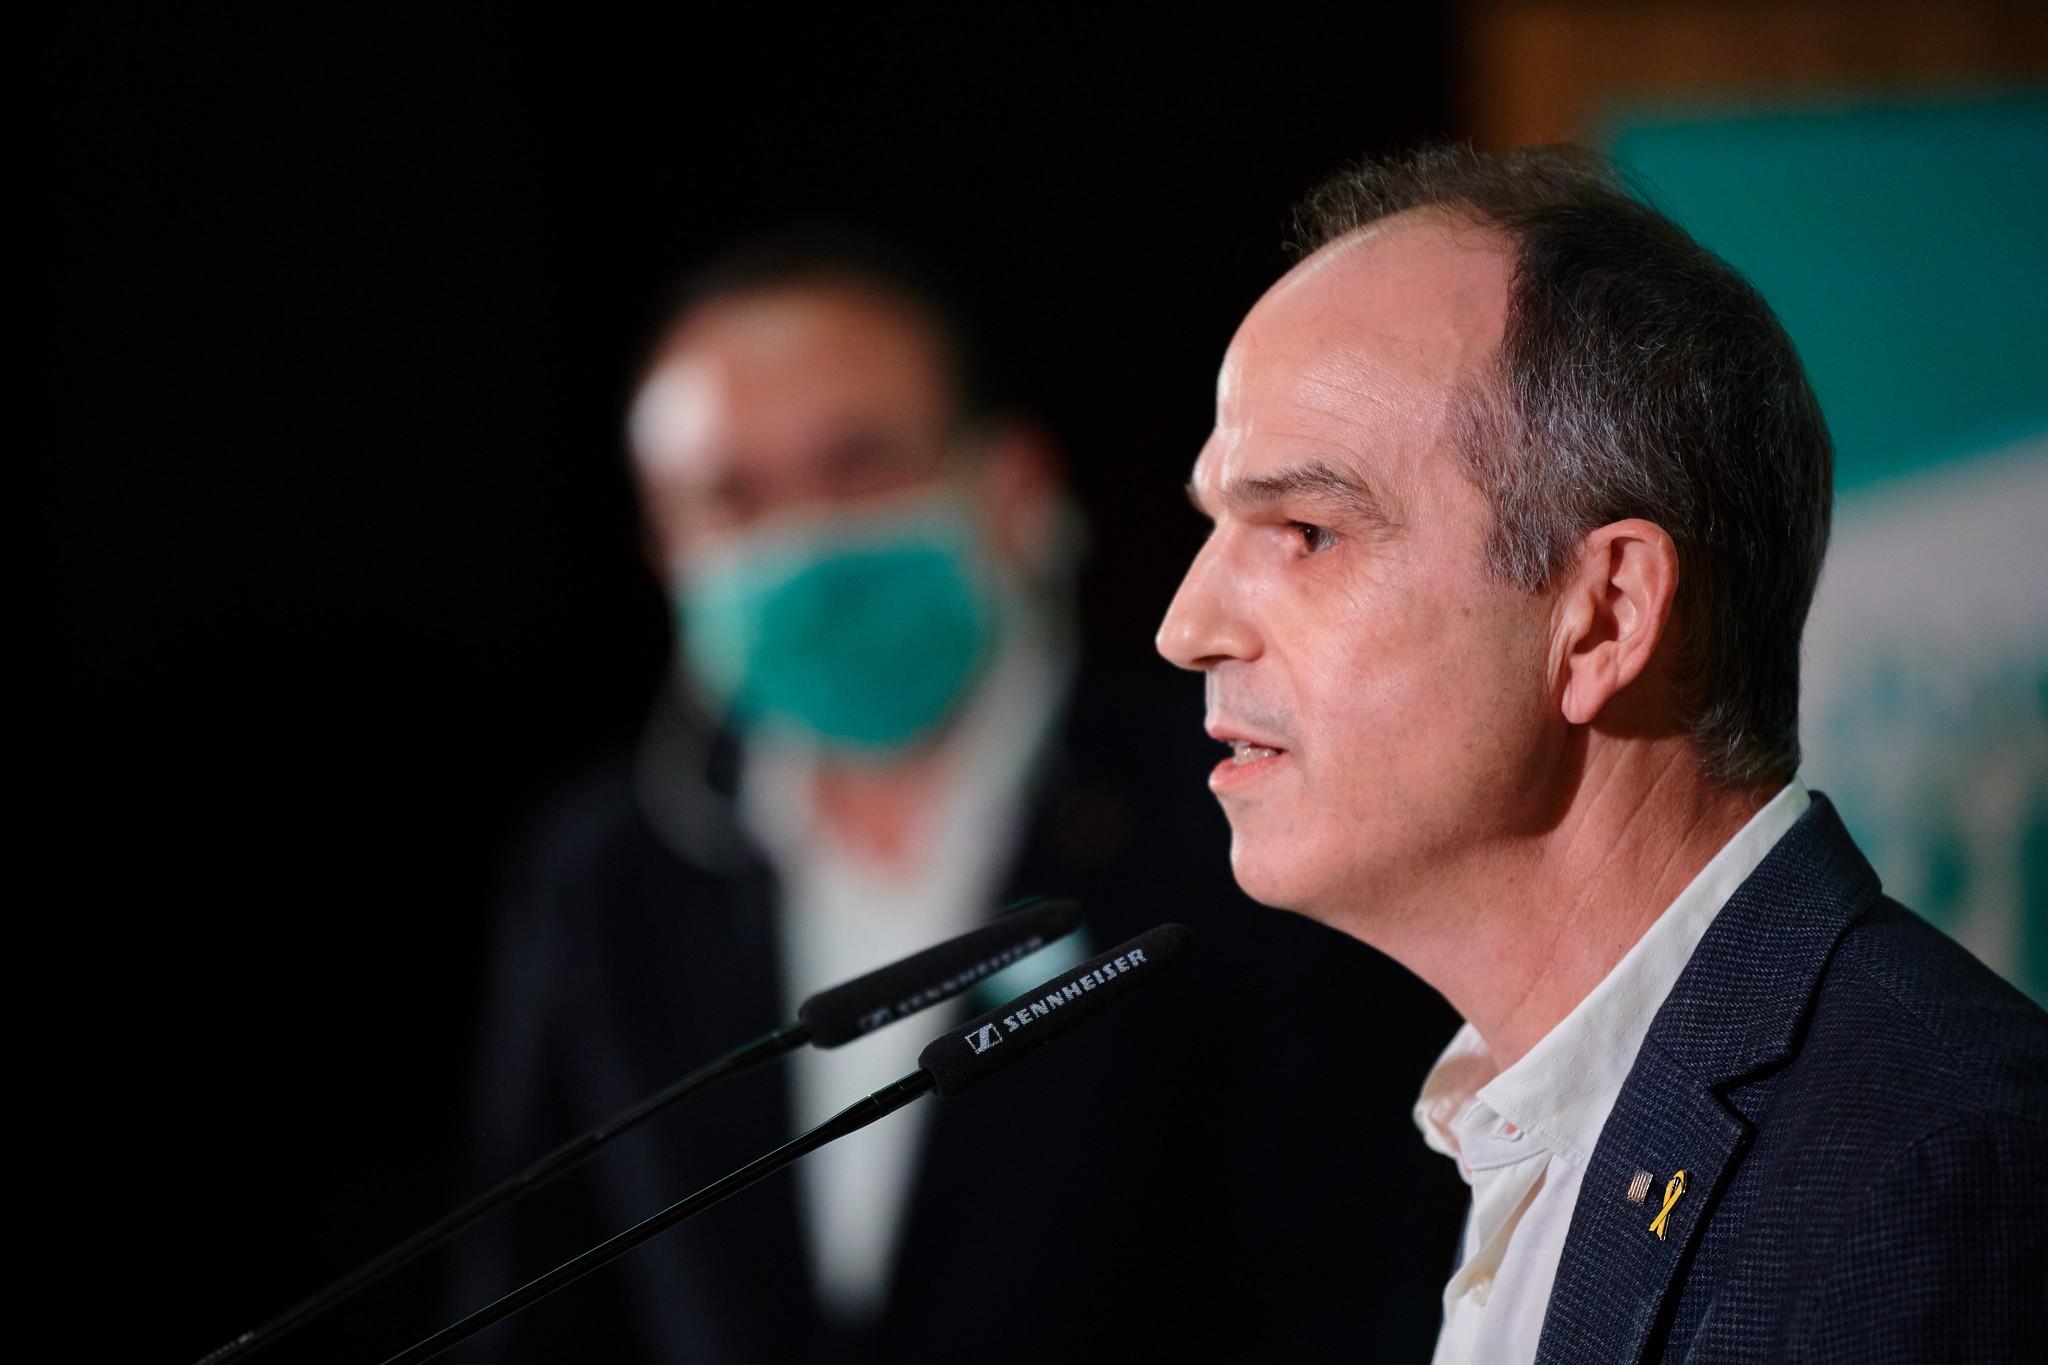 El exconseller de Presidencia condenado por sedición, Jordi Turull, en un acto de Junts per Catalunya / Julio Díaz